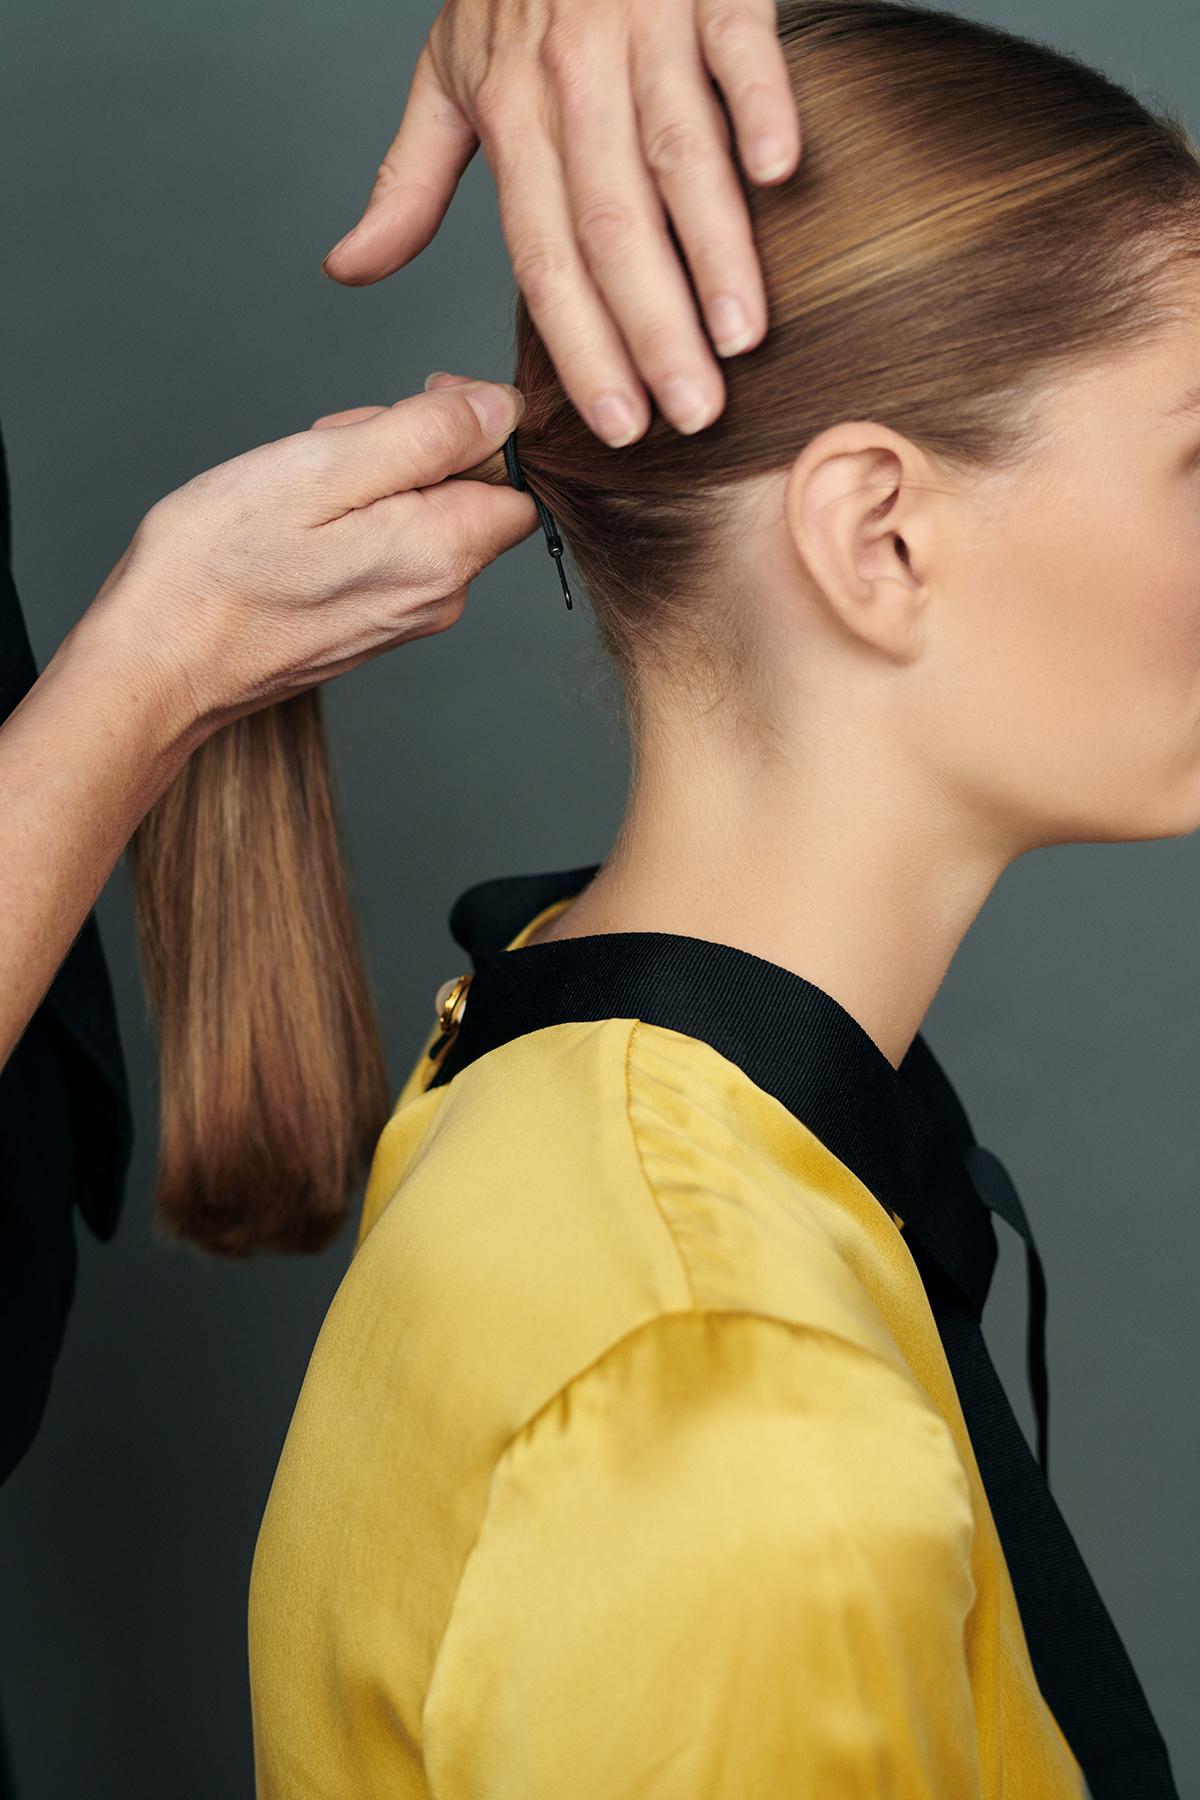 I håret knold Sort hår